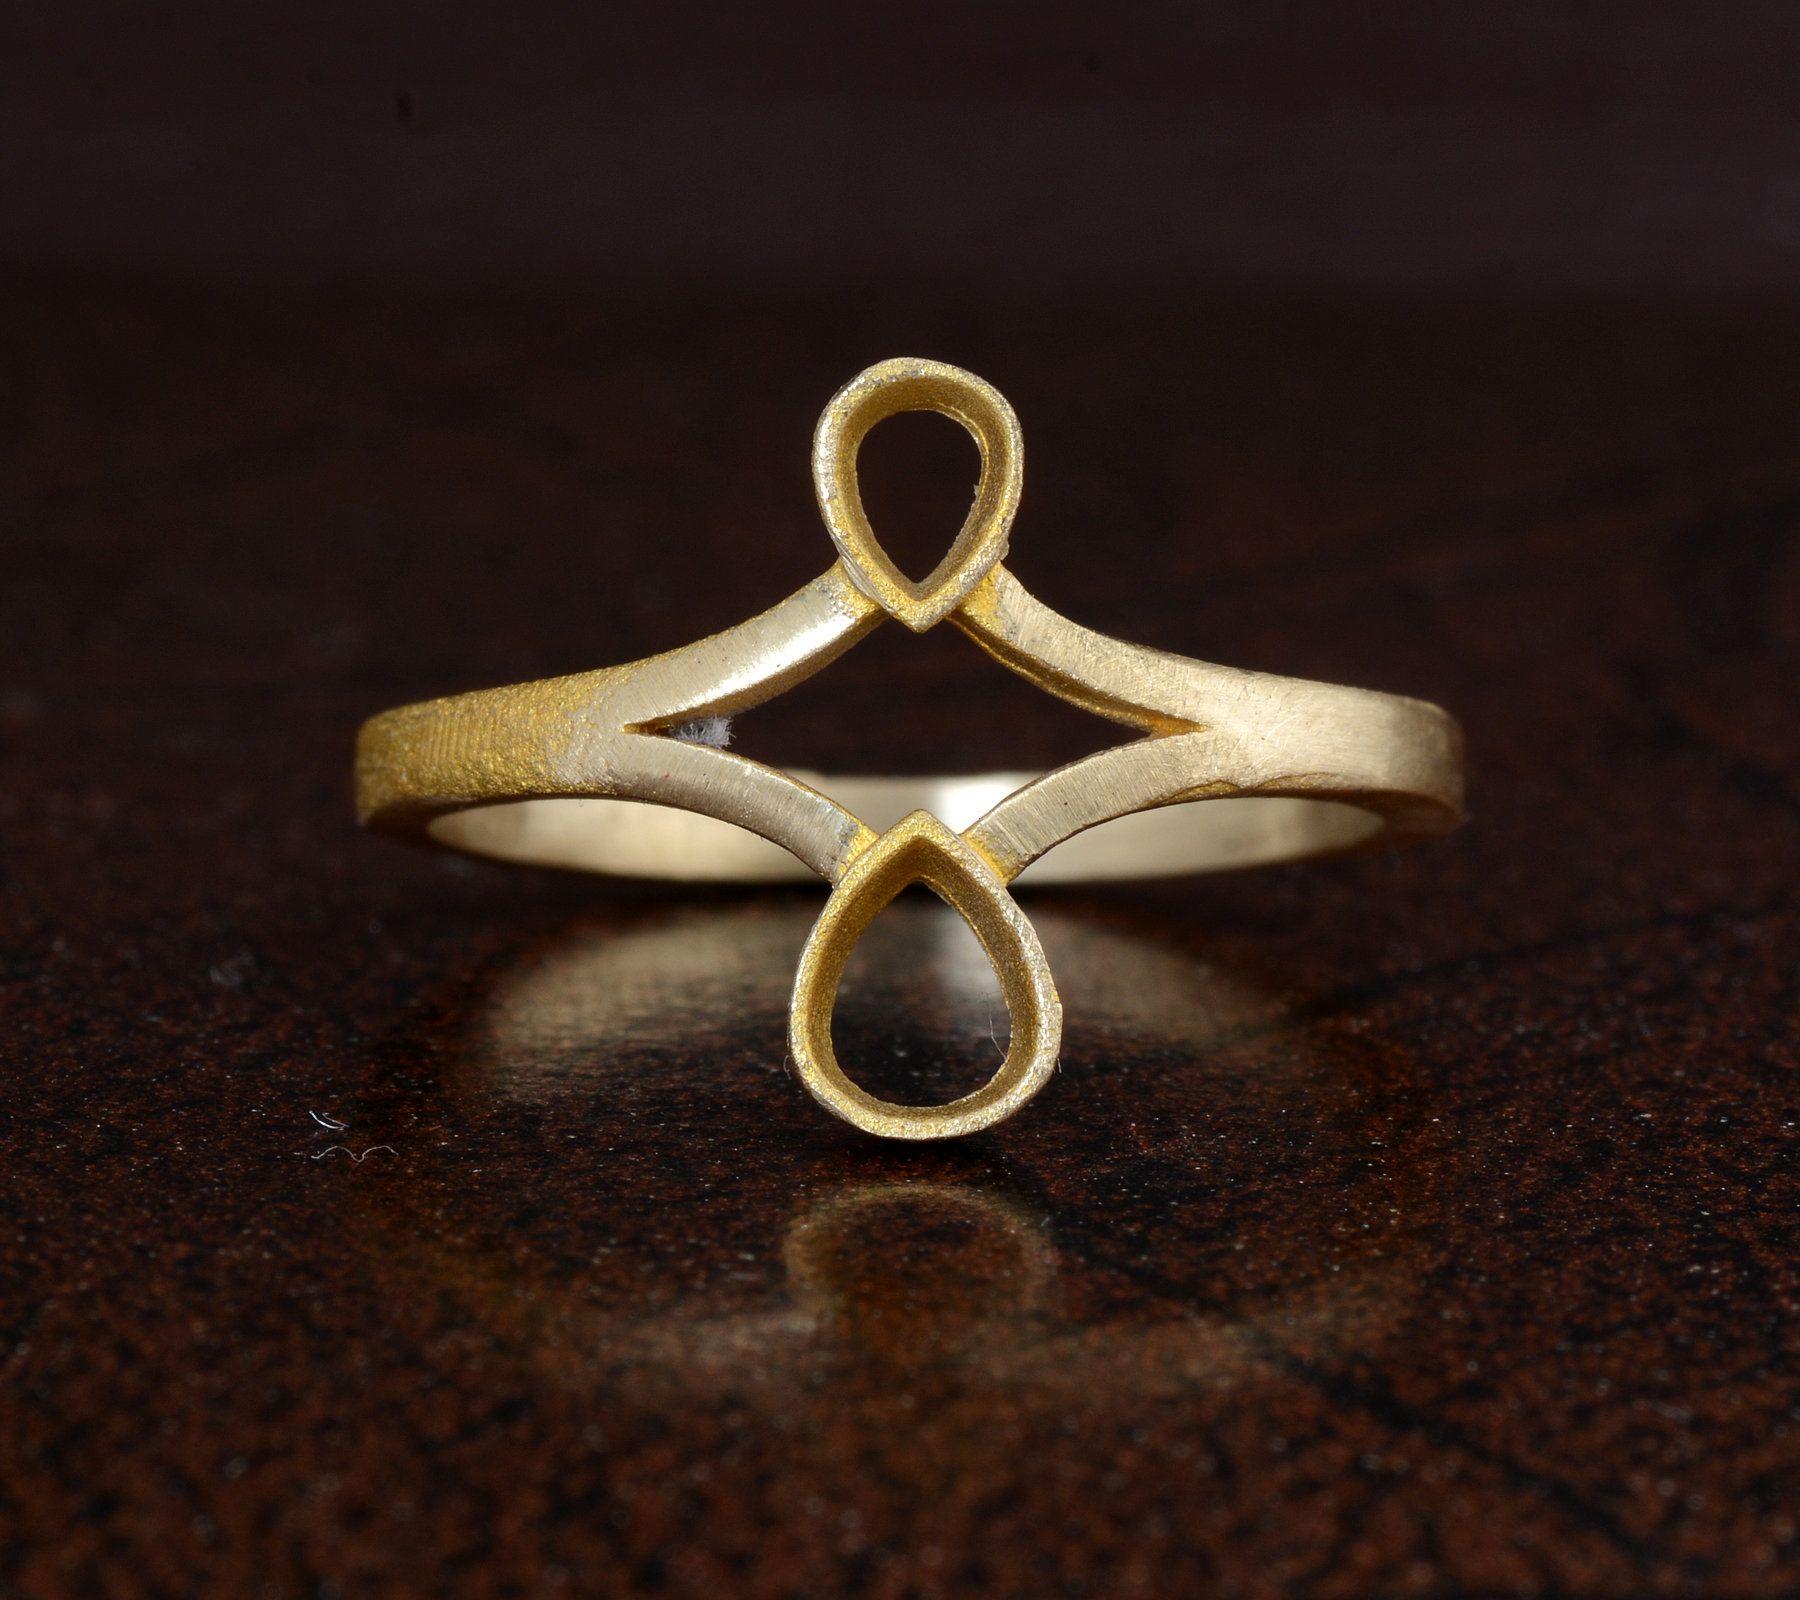 Vintage Ring Statement Ring Gemstone Ring Boho Ring Wedding Ring Tiger Eye Ring Jewelry Dainty Ring Brass Ring Couple Ring